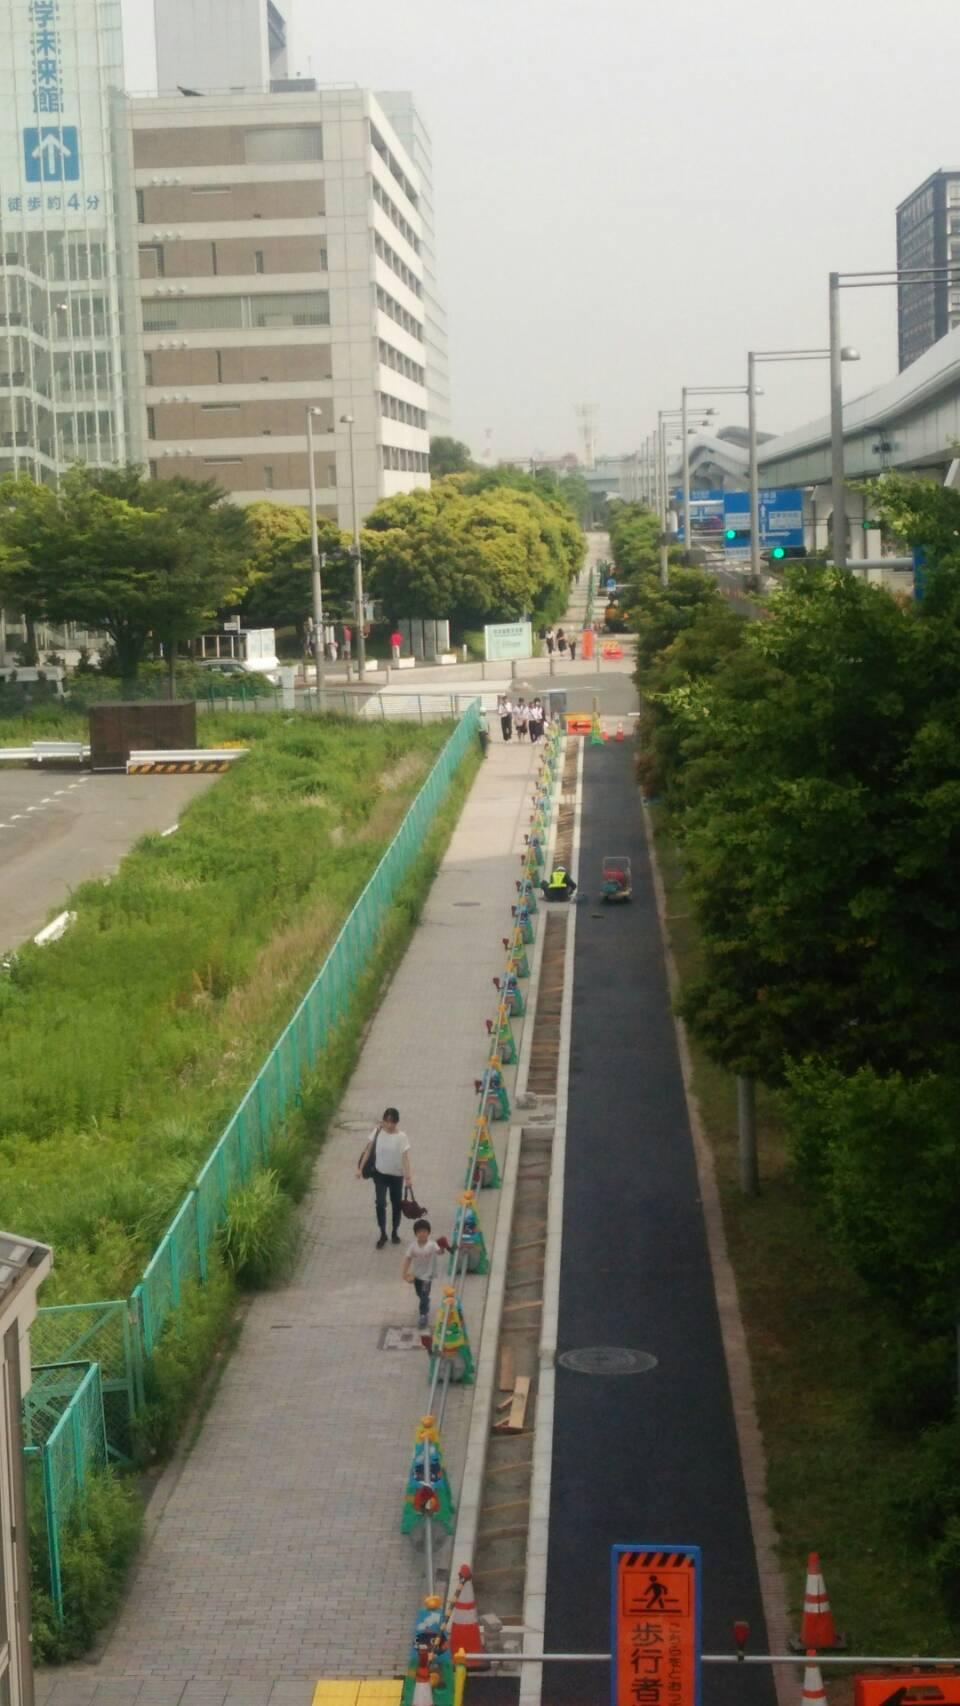 http://www.kitashitara.jp/toyone-jh/1526542115756.jpg